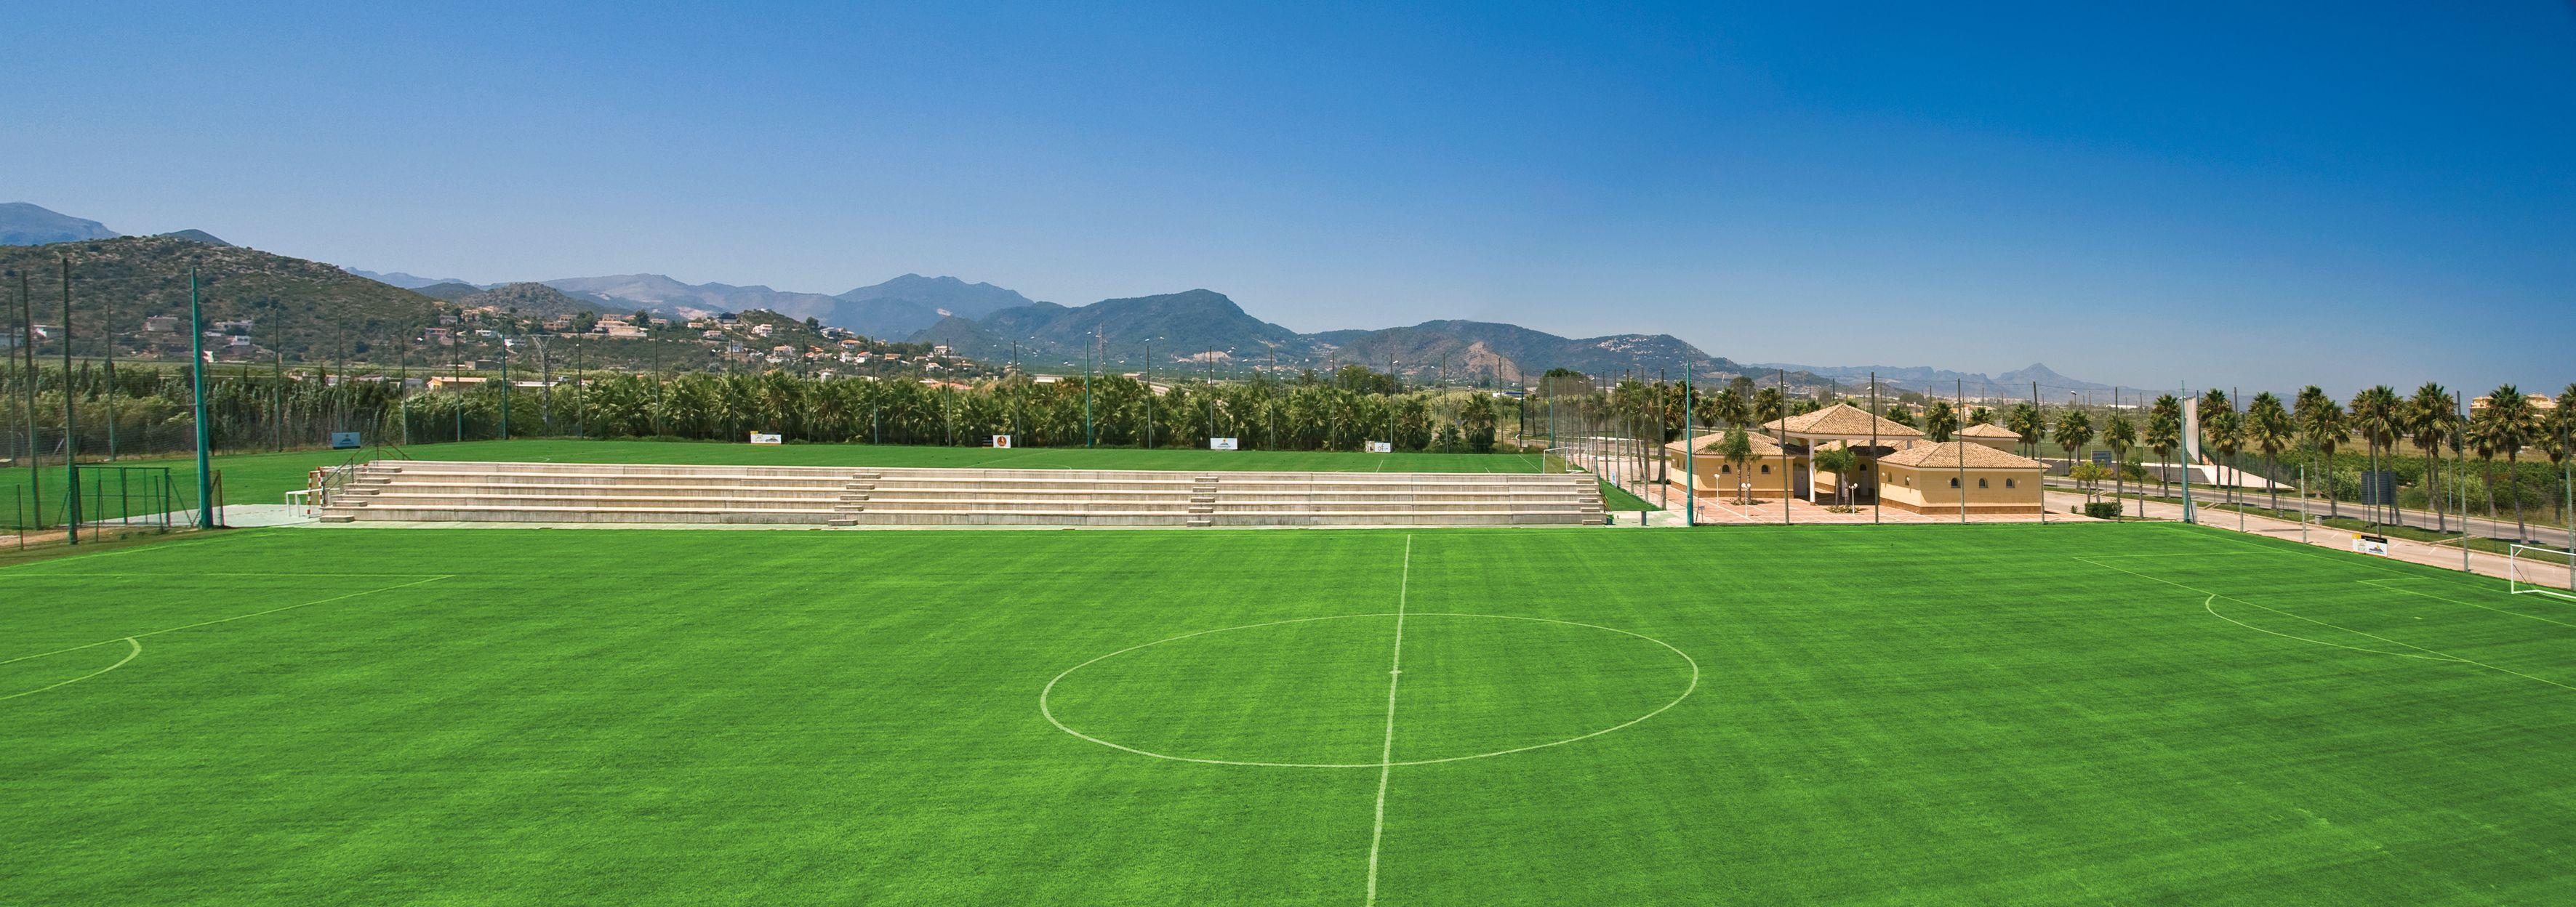 Nuestros cuatro campos de fútbol, de césped natural y medidas oficiales Fifa, son el escenario ideal para sesiones de entrenamiento y partidos amistosos.